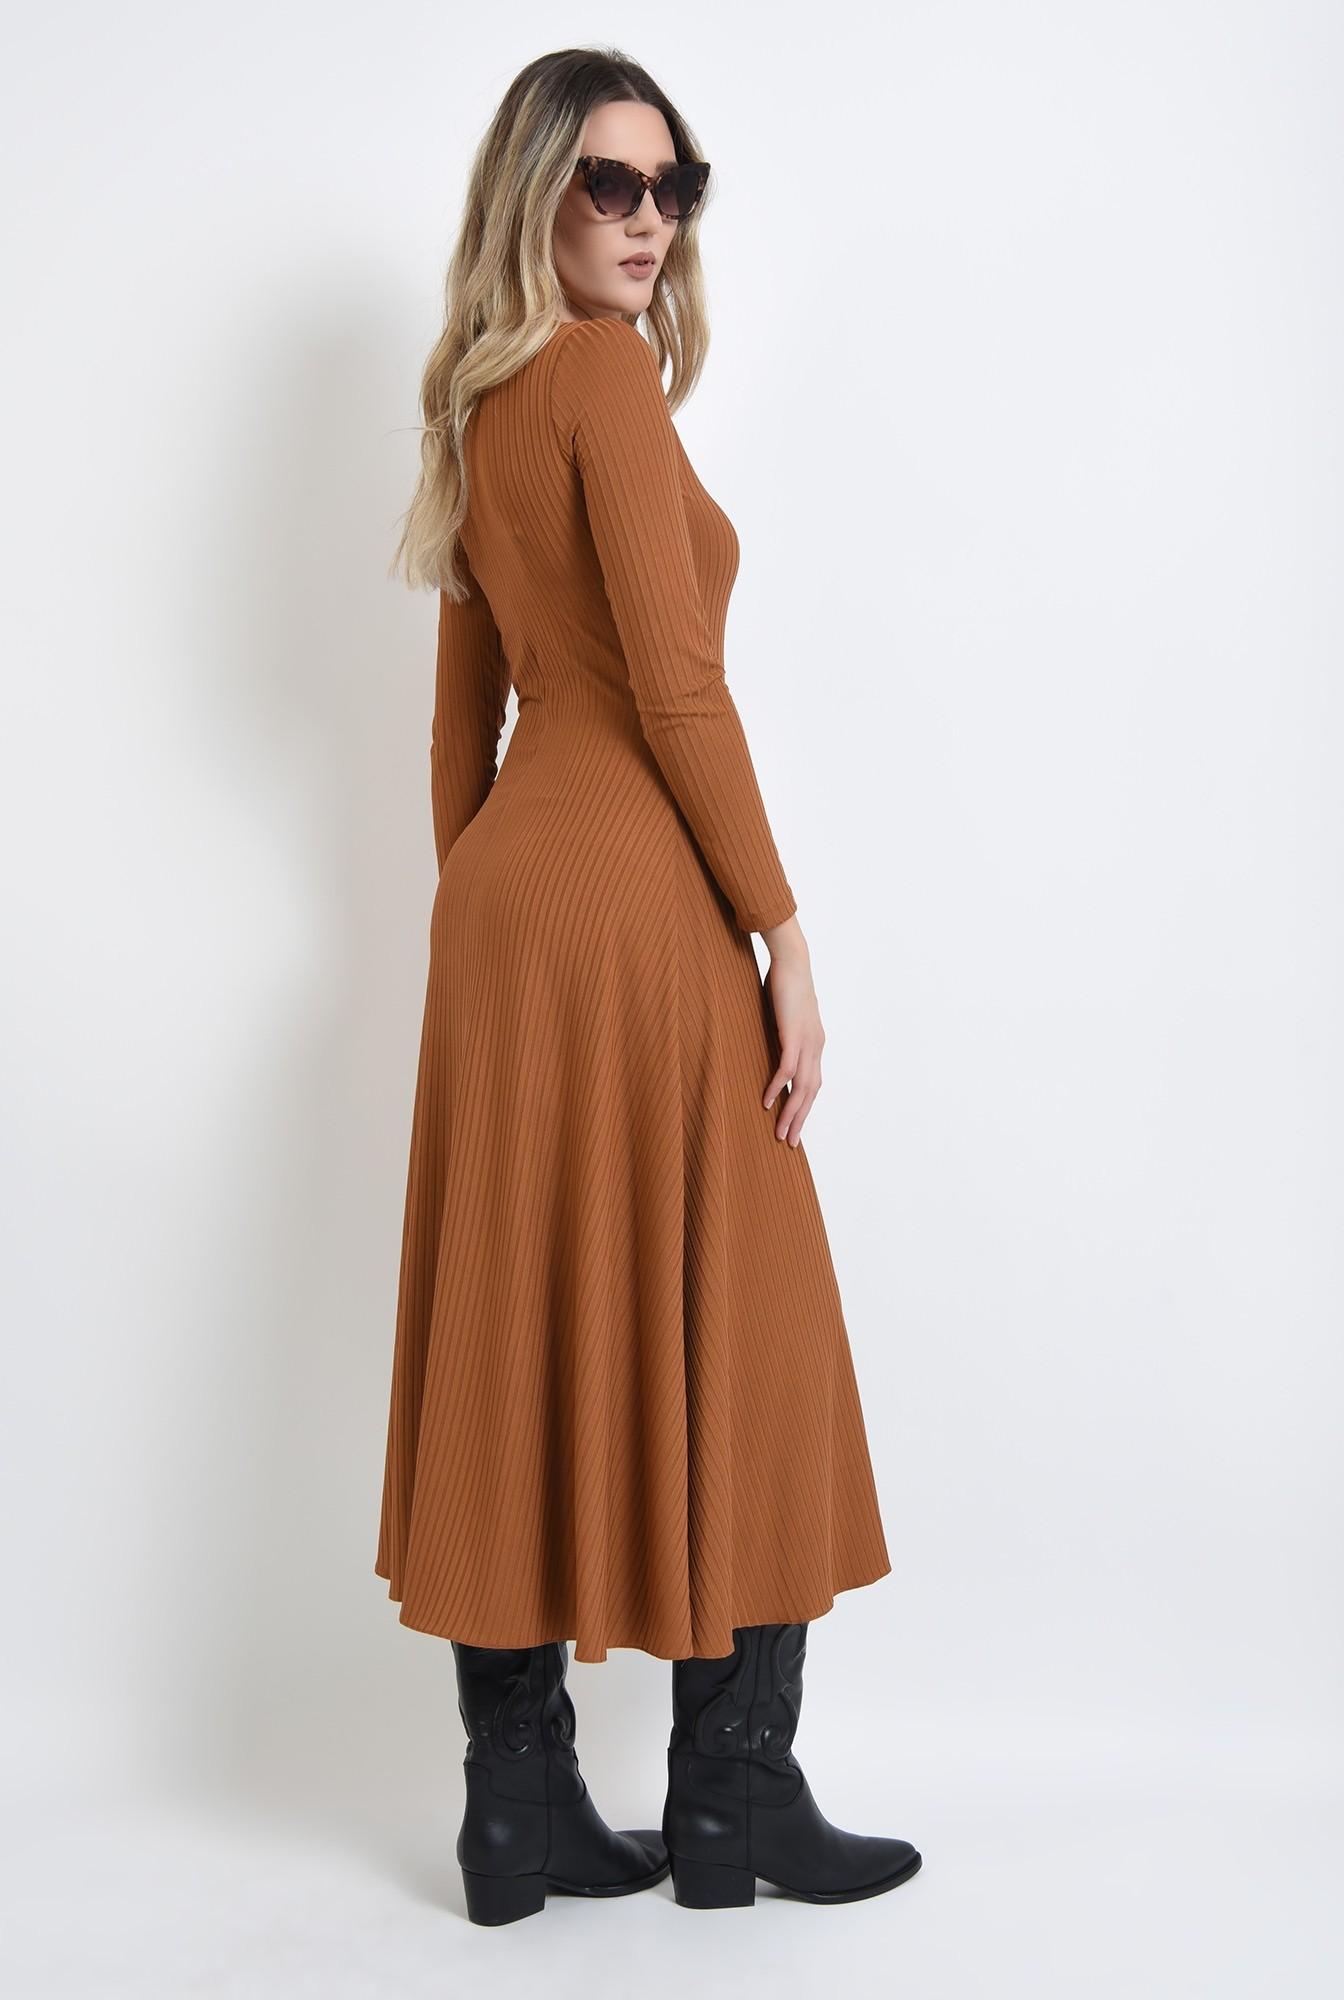 1 - rochie camel, evazata, cu maneca lunga